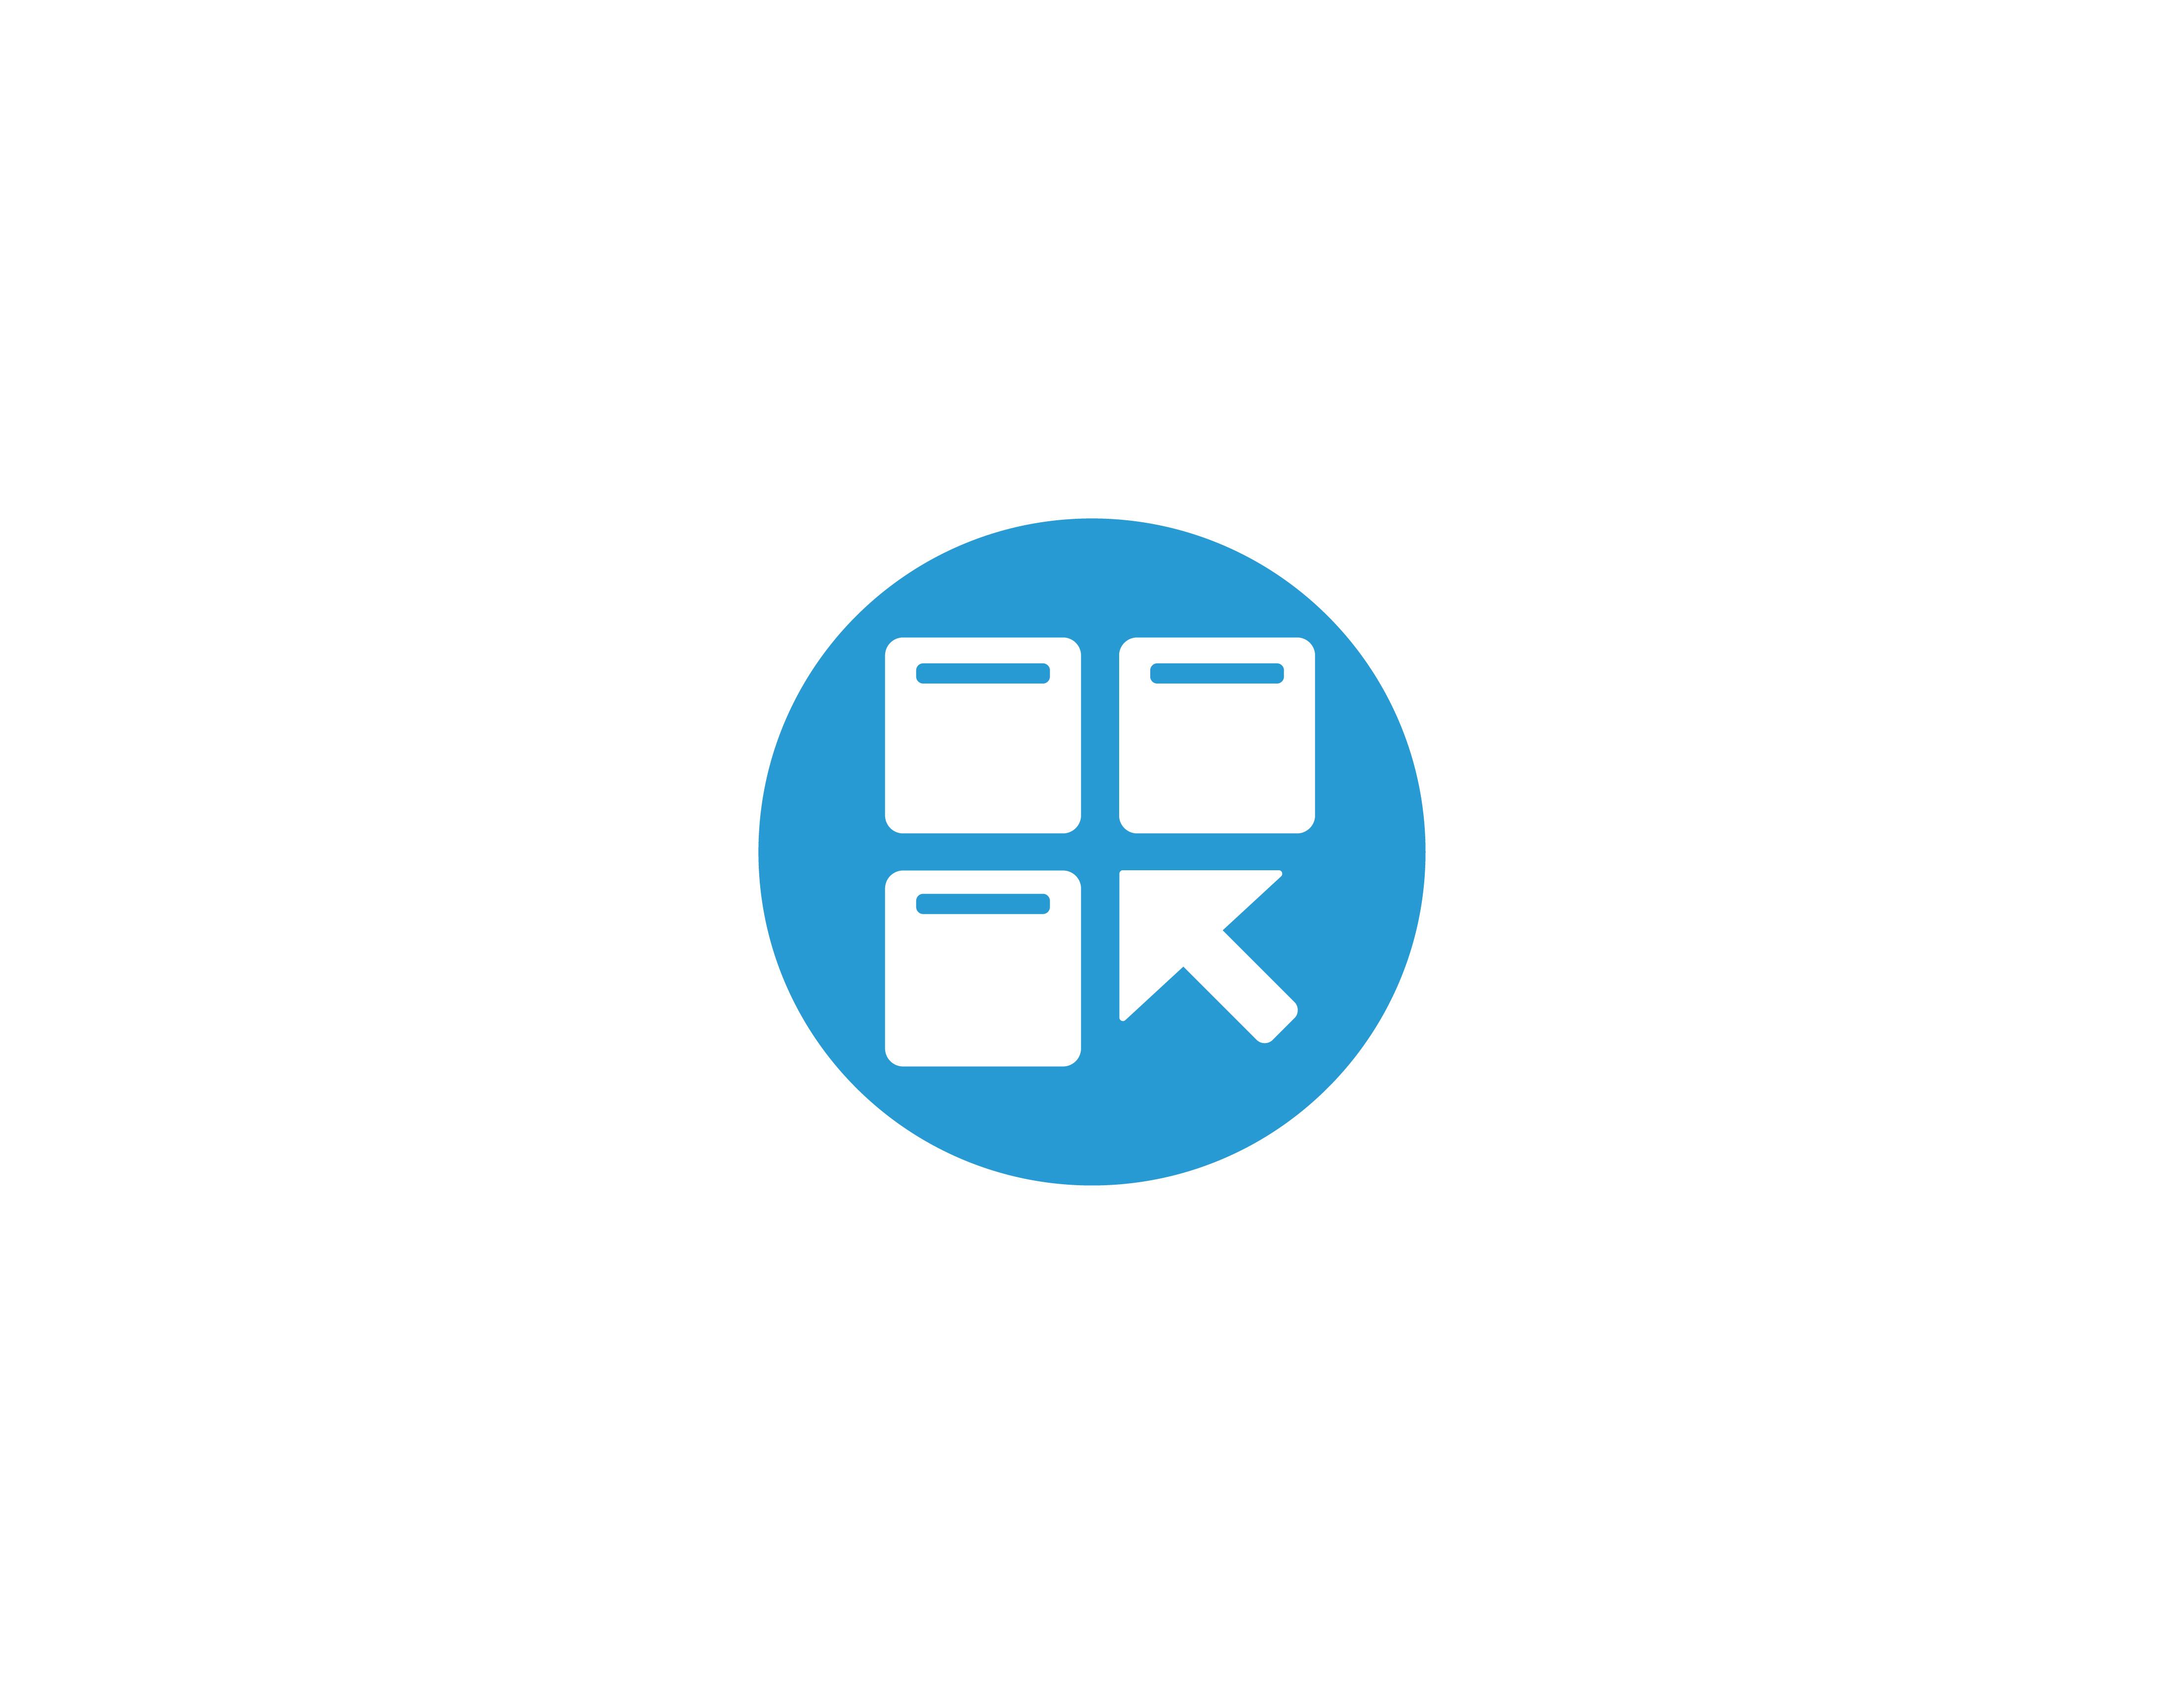 Логотип / иконка сервиса управления проектами / задачами фото f_25559777f3a7d6b3.jpg